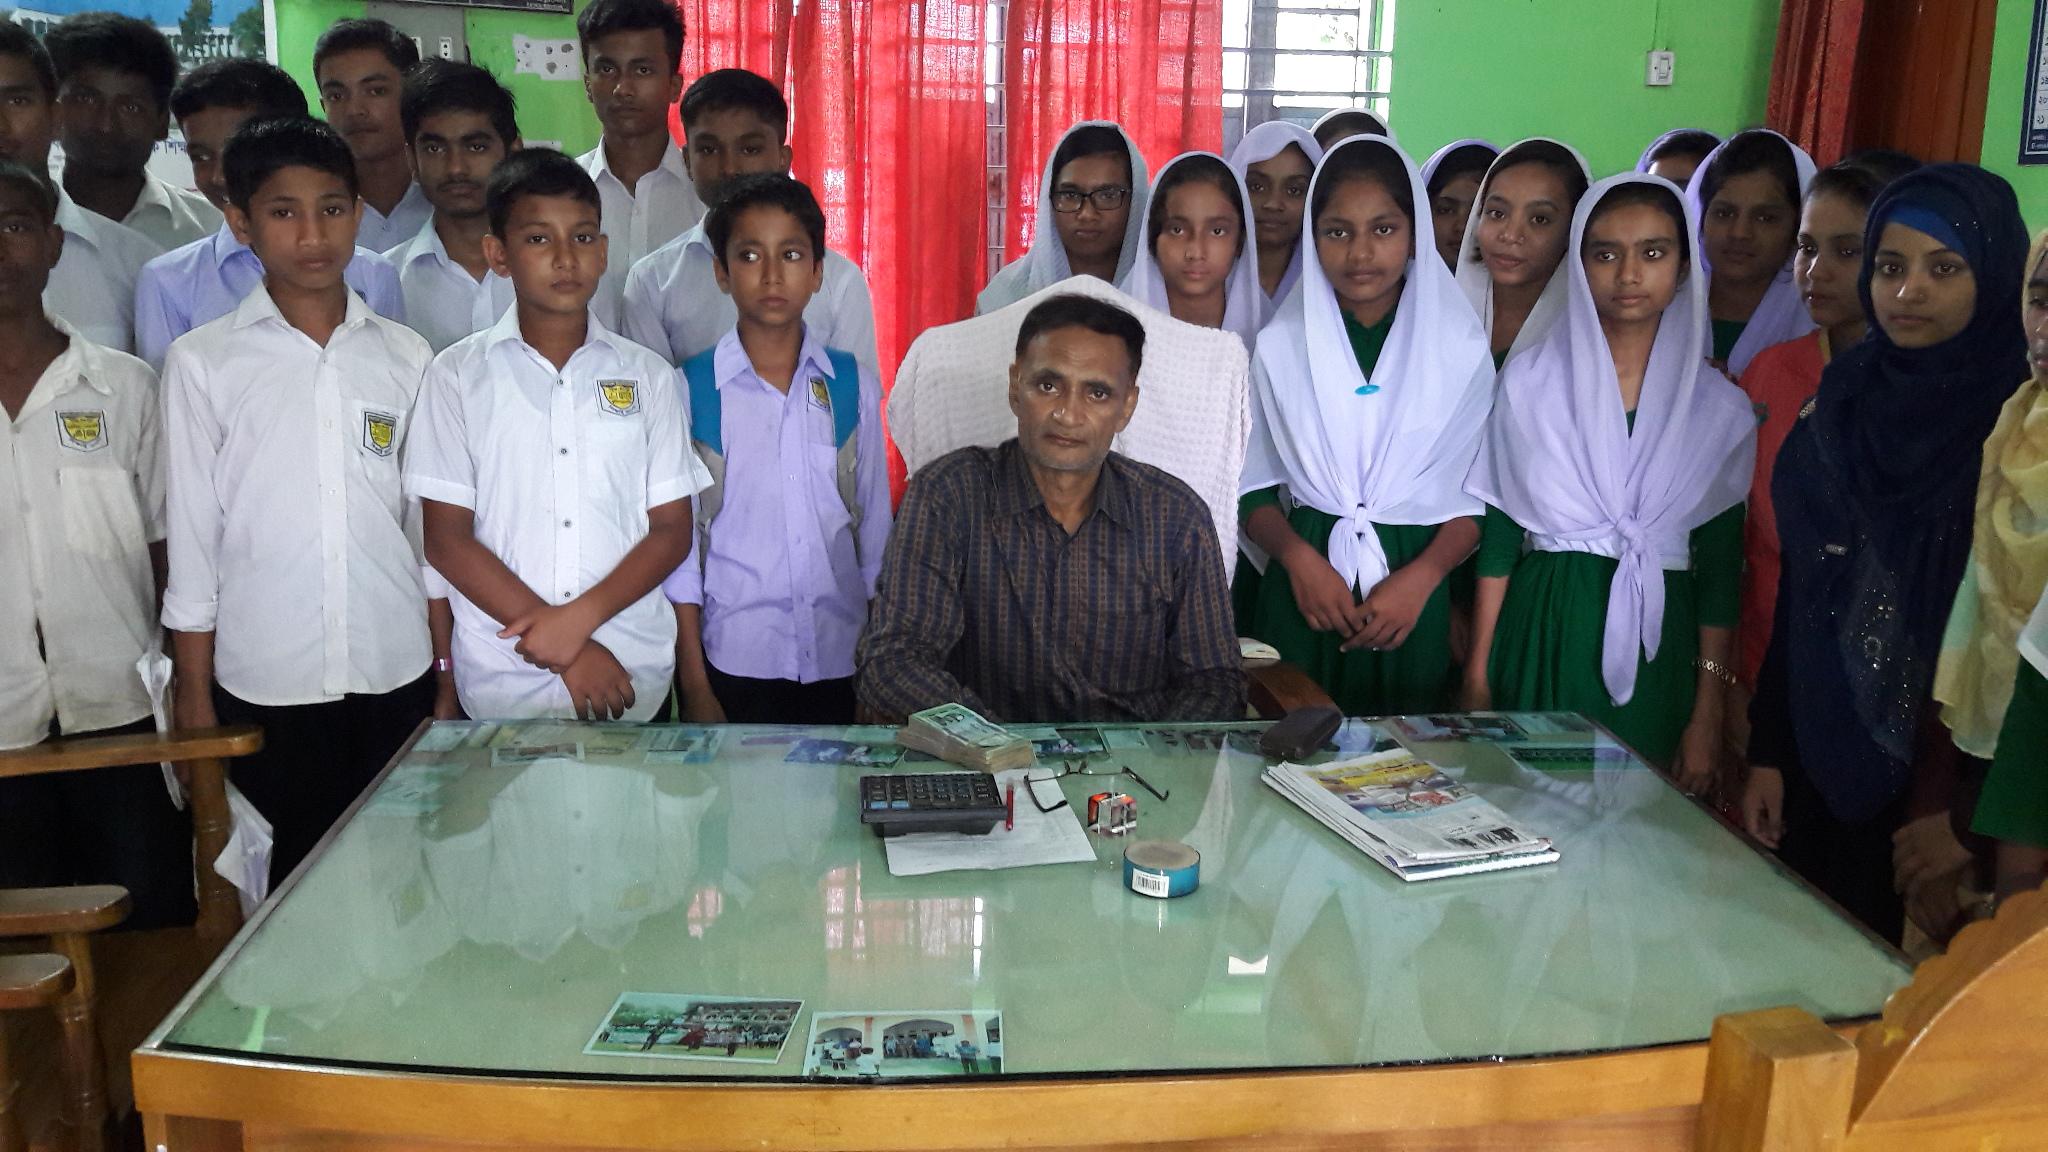 কচুয়ার পালাখাল উবিতে মেধাবী শিক্ষার্থীদের ট্যালেন্টপুলে বৃত্তি  প্রদান